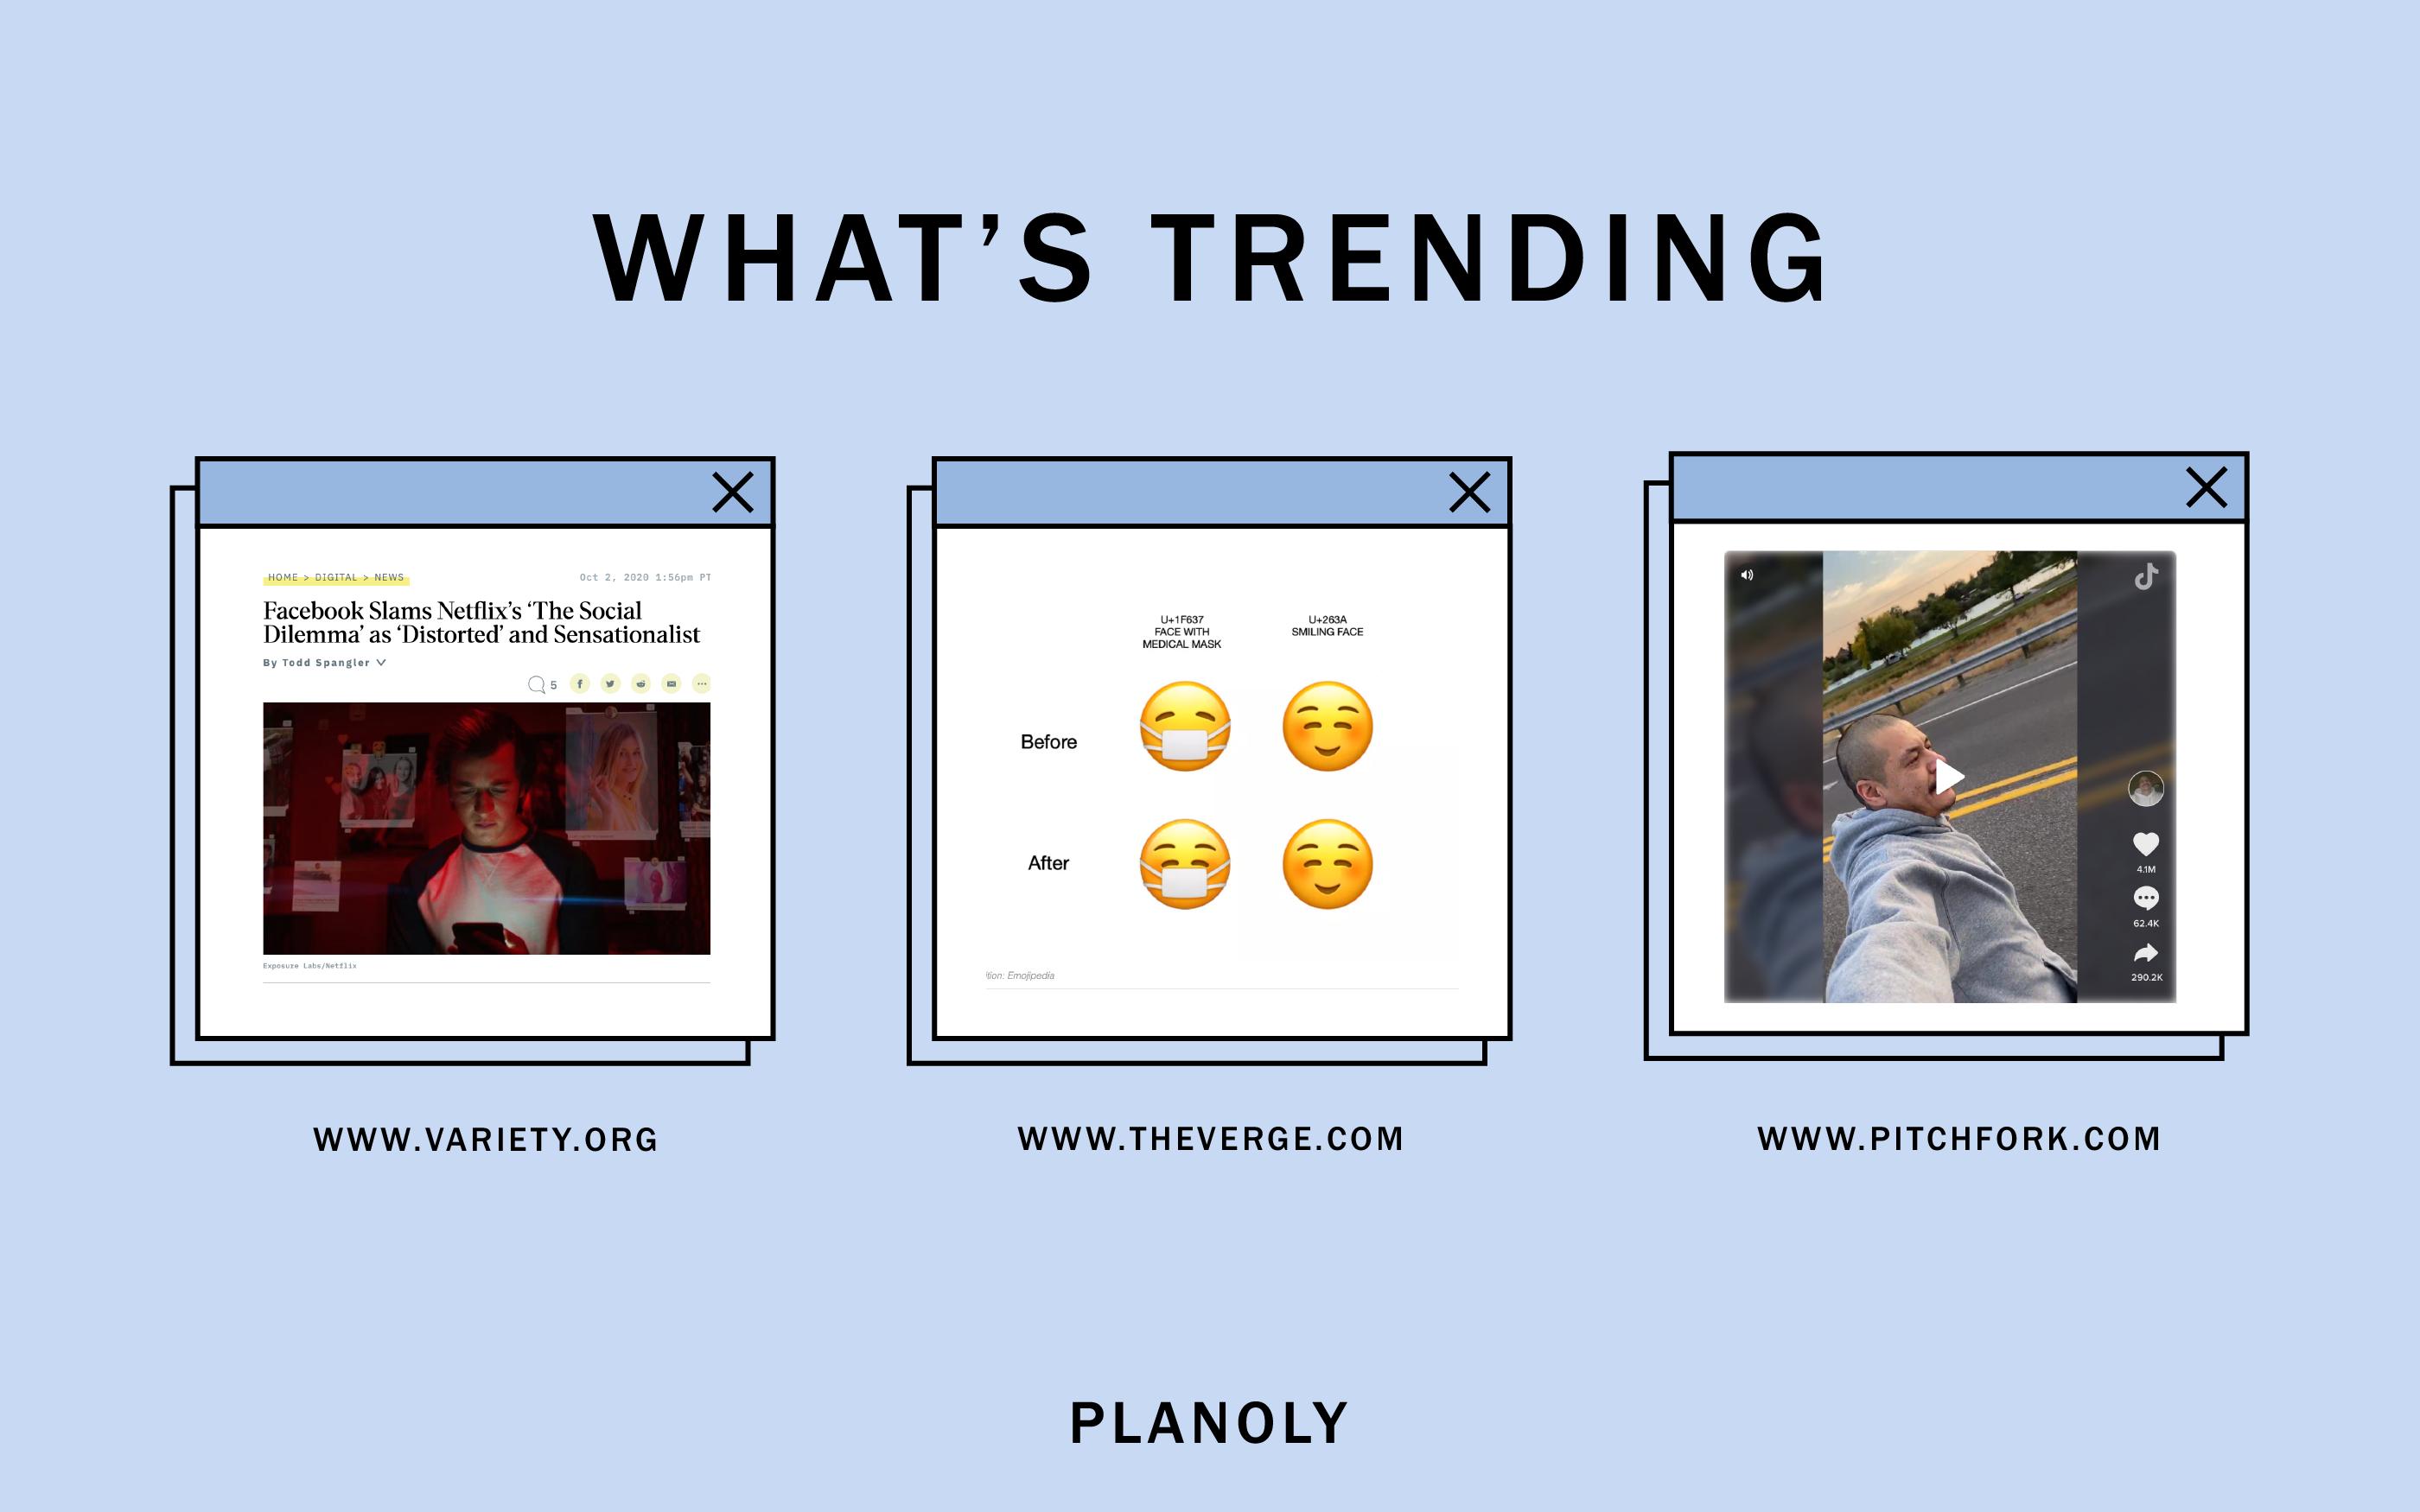 PLANOLY-Blog Post-Social Sphere- 10.05-Img2